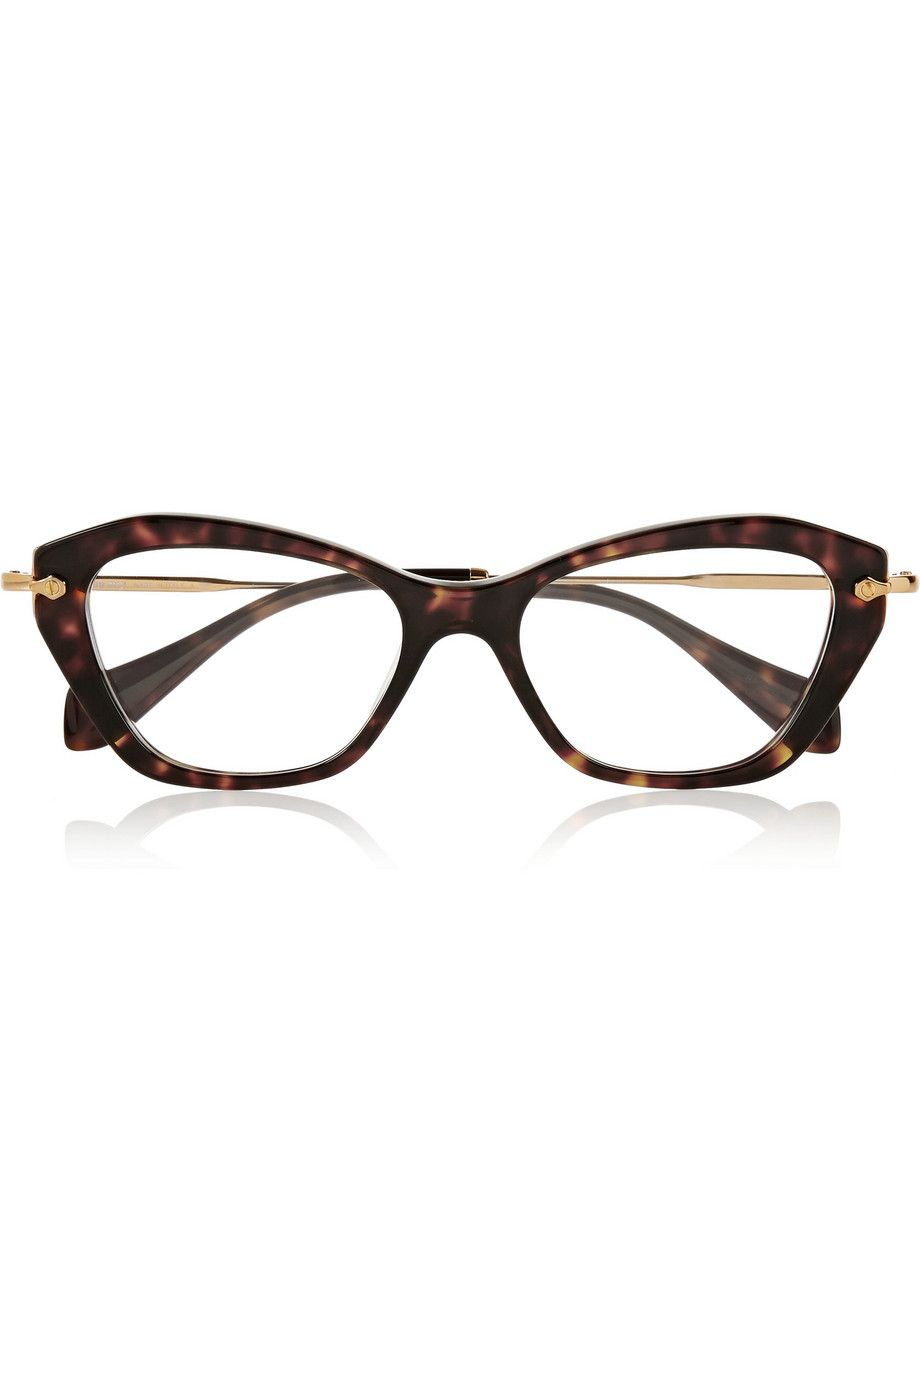 b644ddc90c Miu Miu | Cat eye acetate optical glasses | LENTES | Gafas de ver ...